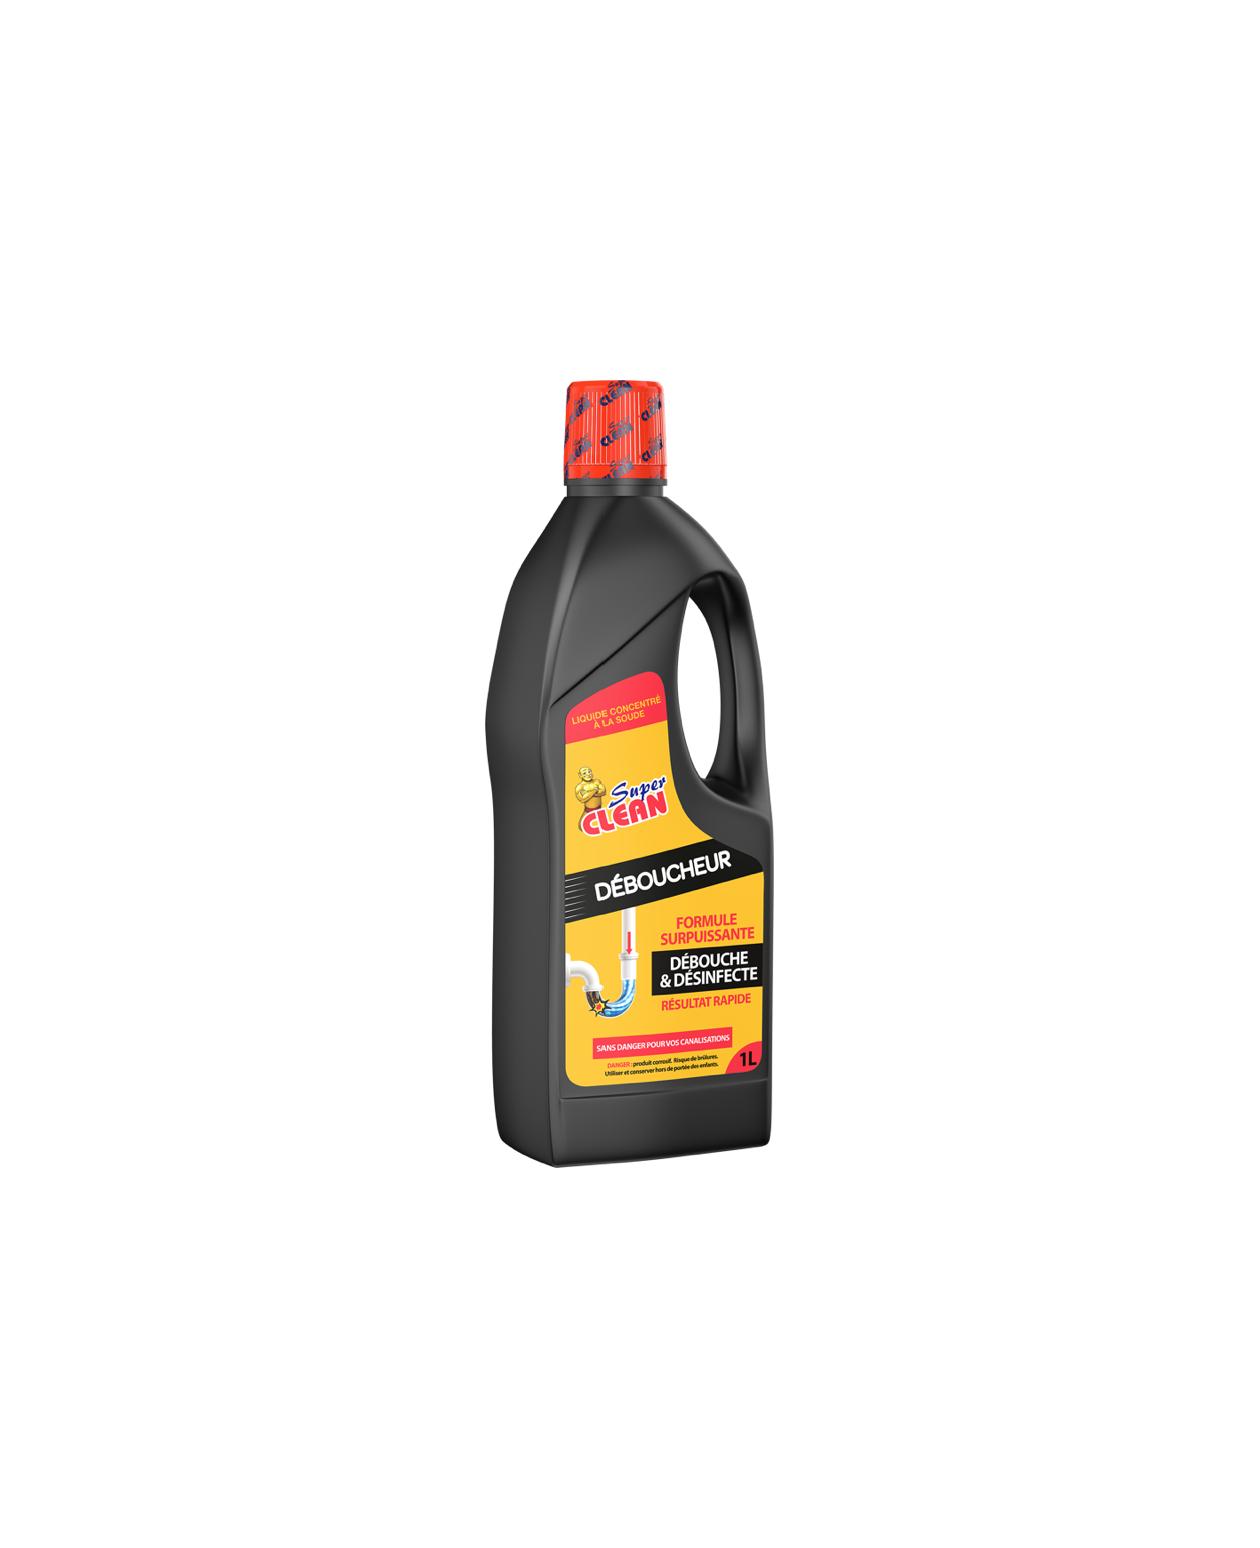 SUPER CLEAN_Déboucheur 1L_02_Siprochim